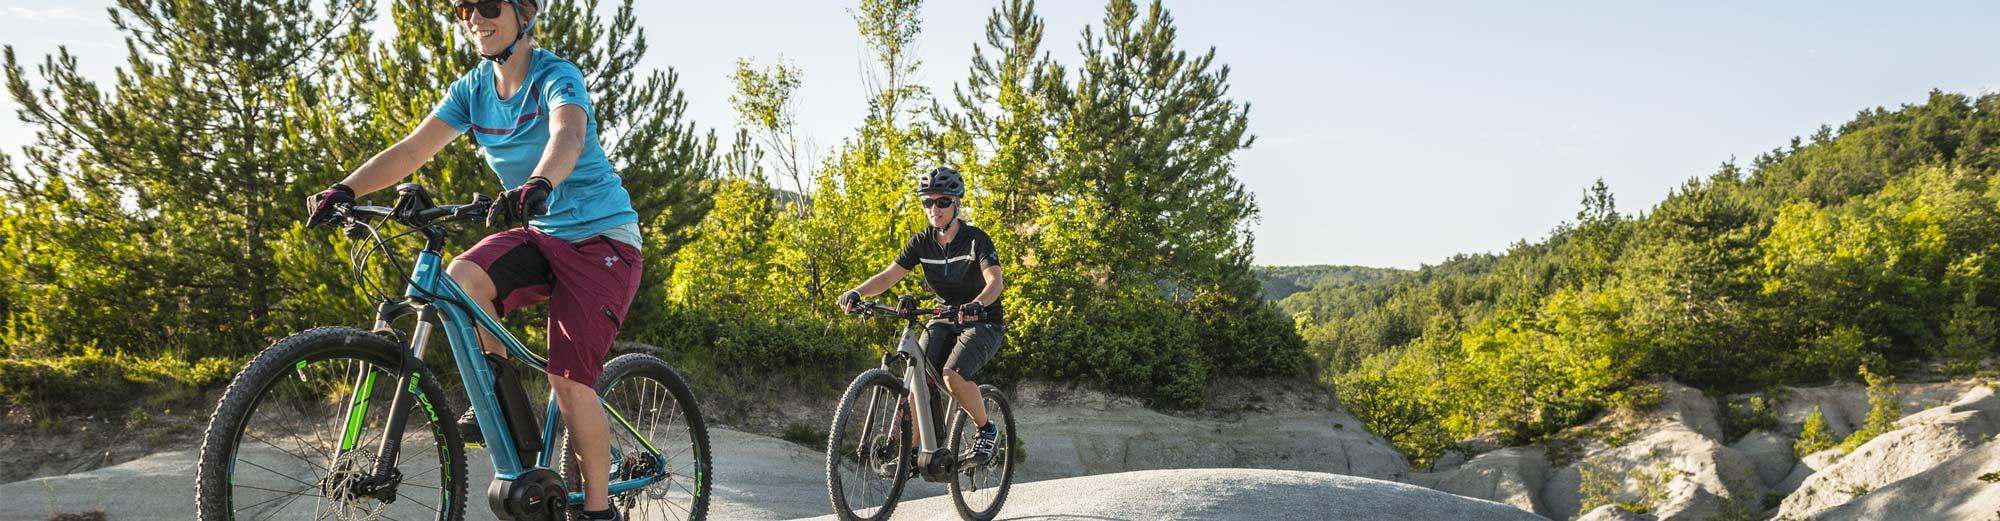 E-Mountainbikes Hardtail